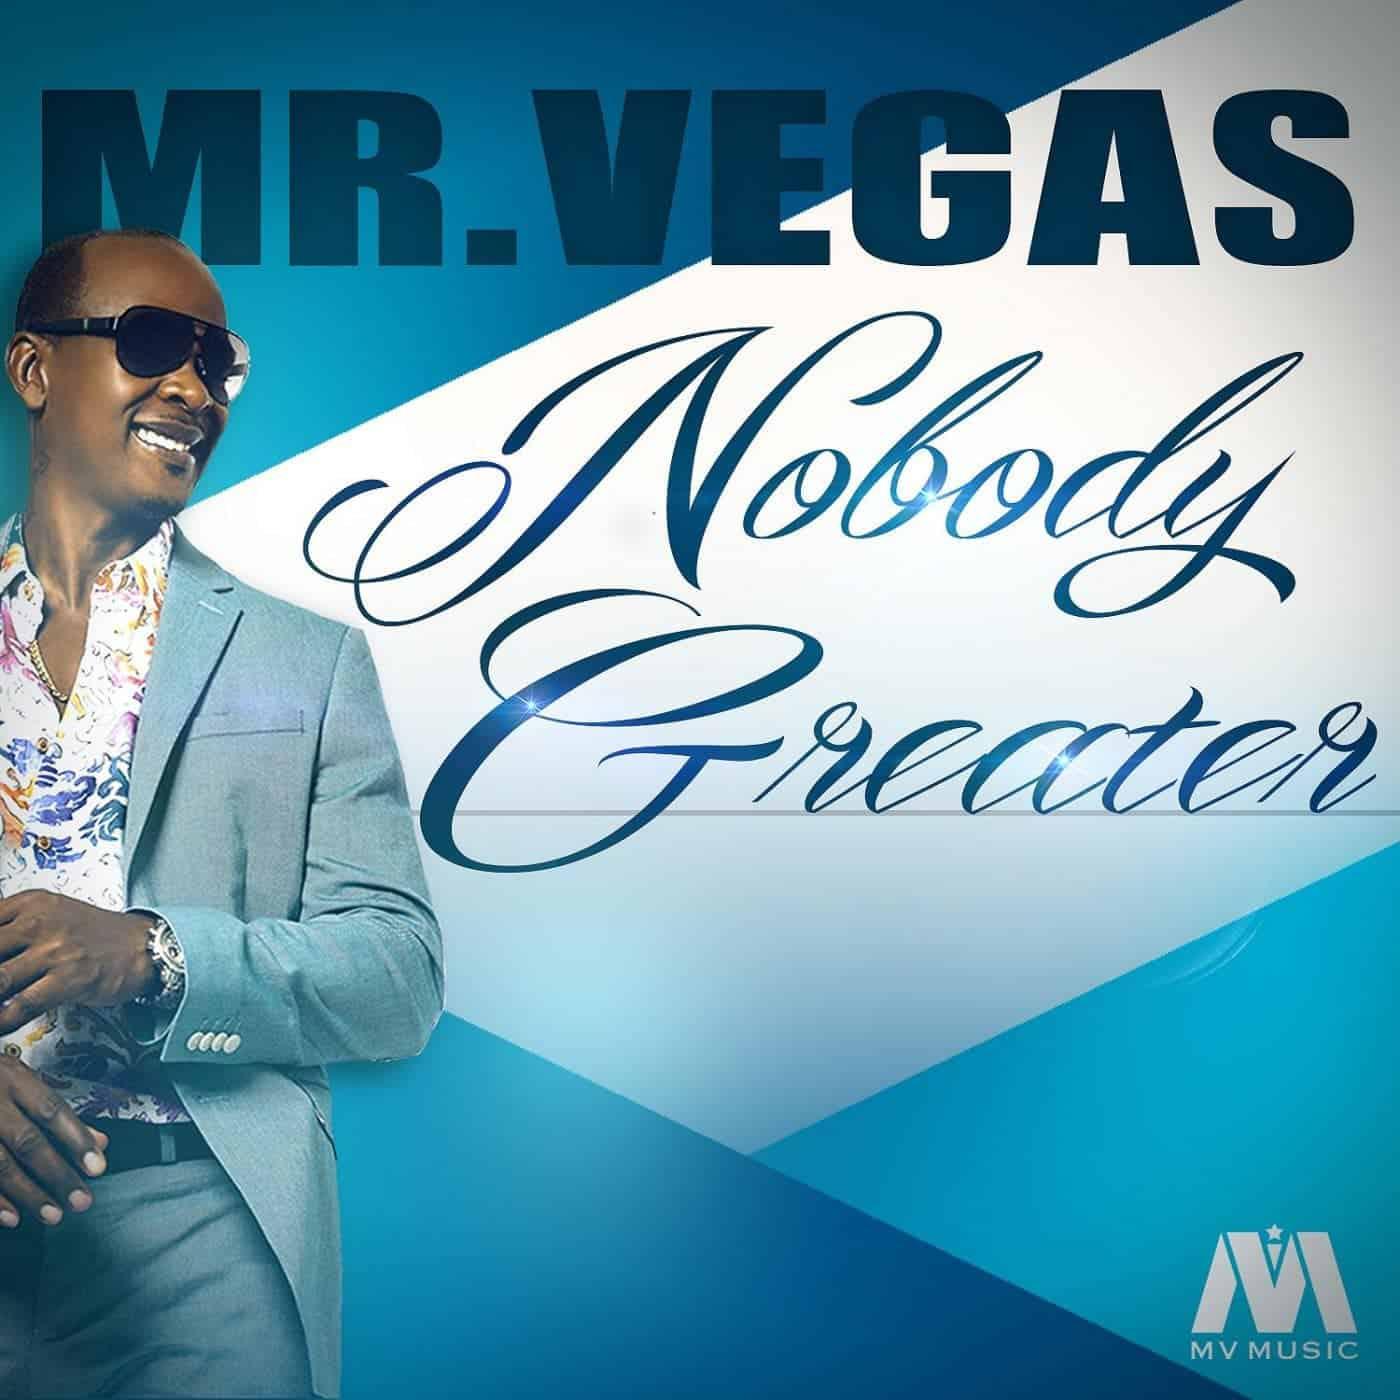 Mr Vegas - Nobody Greater - MV Music